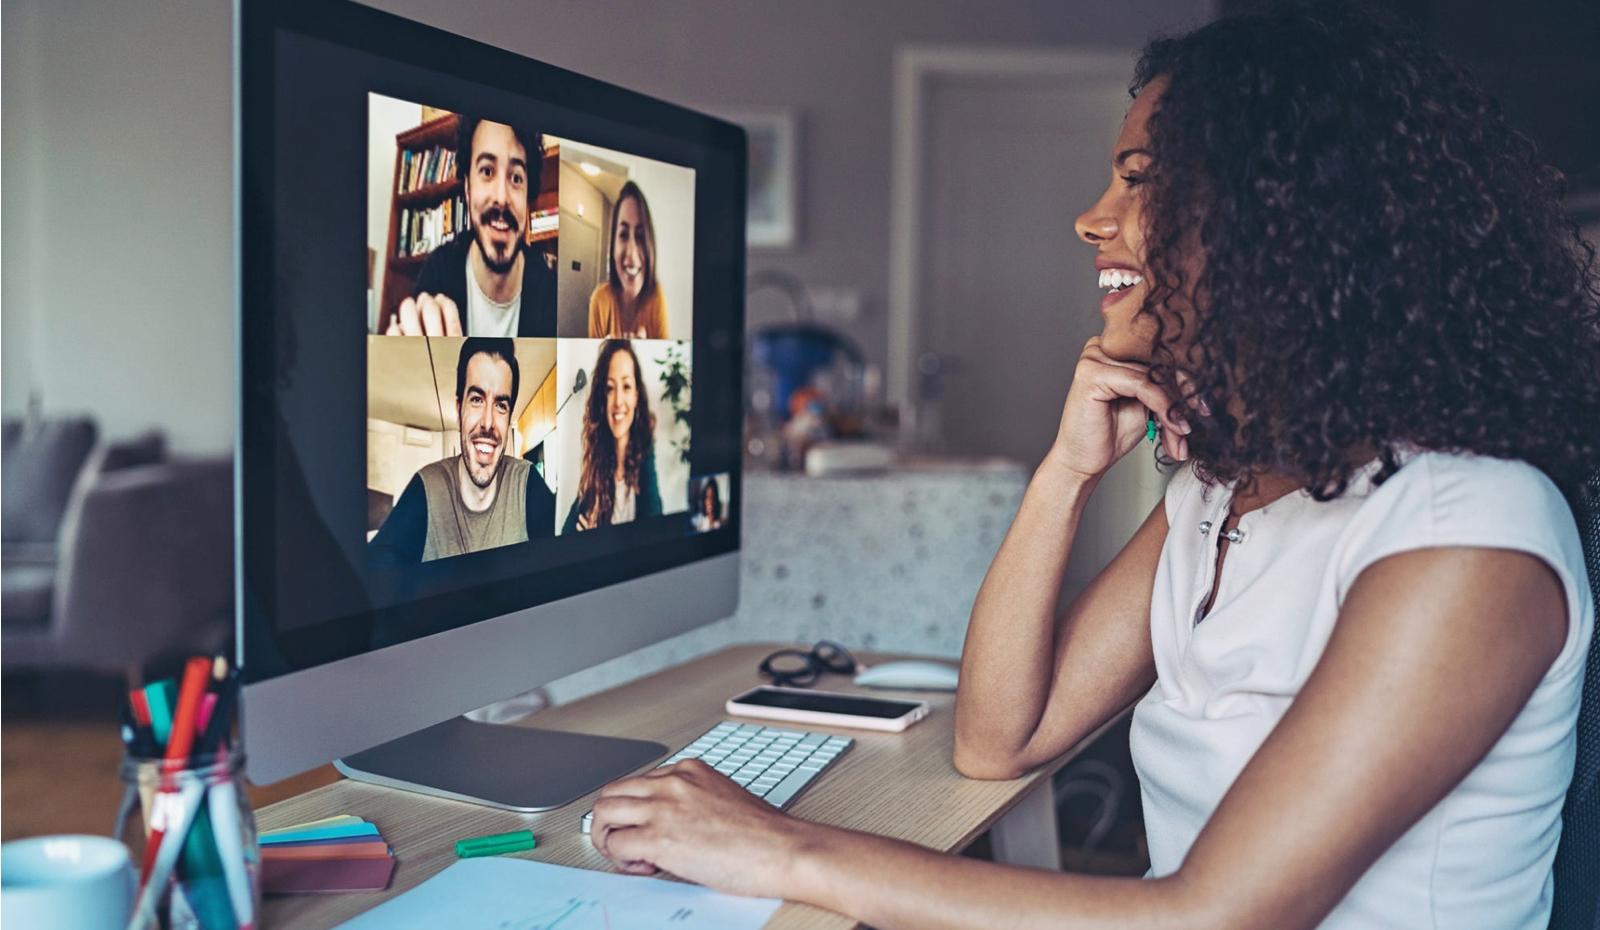 Las claves para una comunicación efectiva en videollamadas